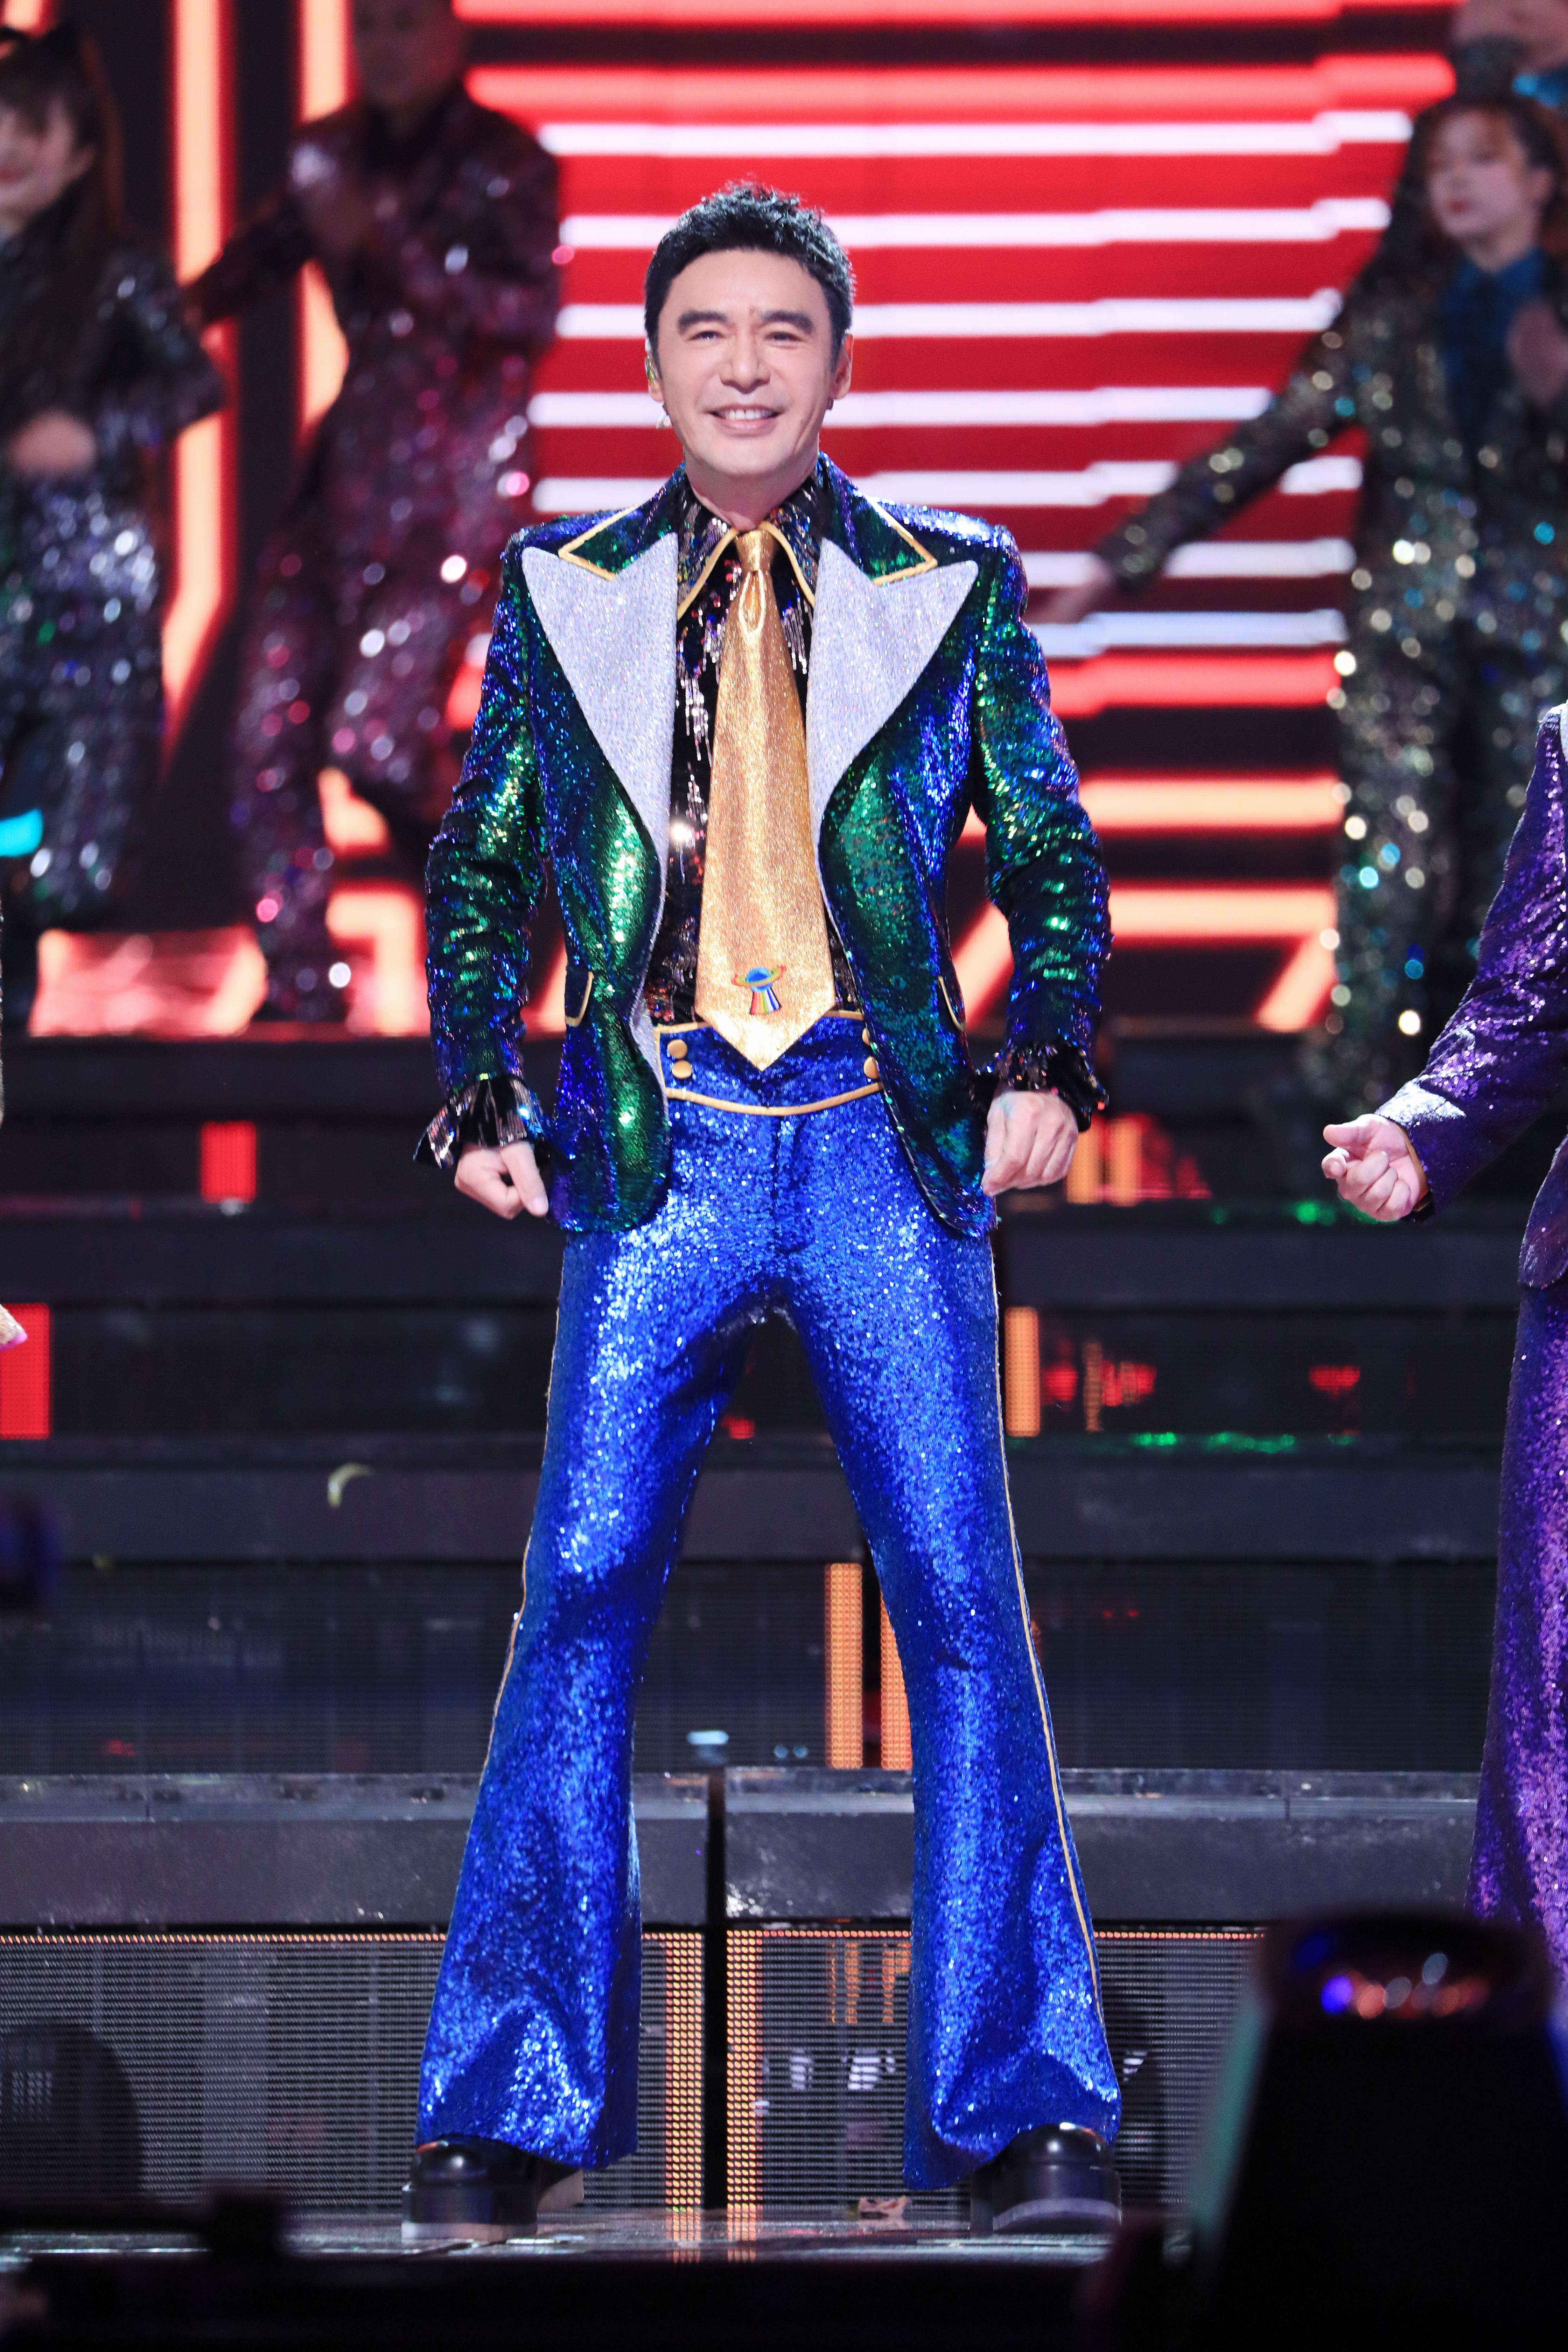 双11晚会钟镇涛再跳disco重温港风经典网友期待阿B哥周深的合作舞台